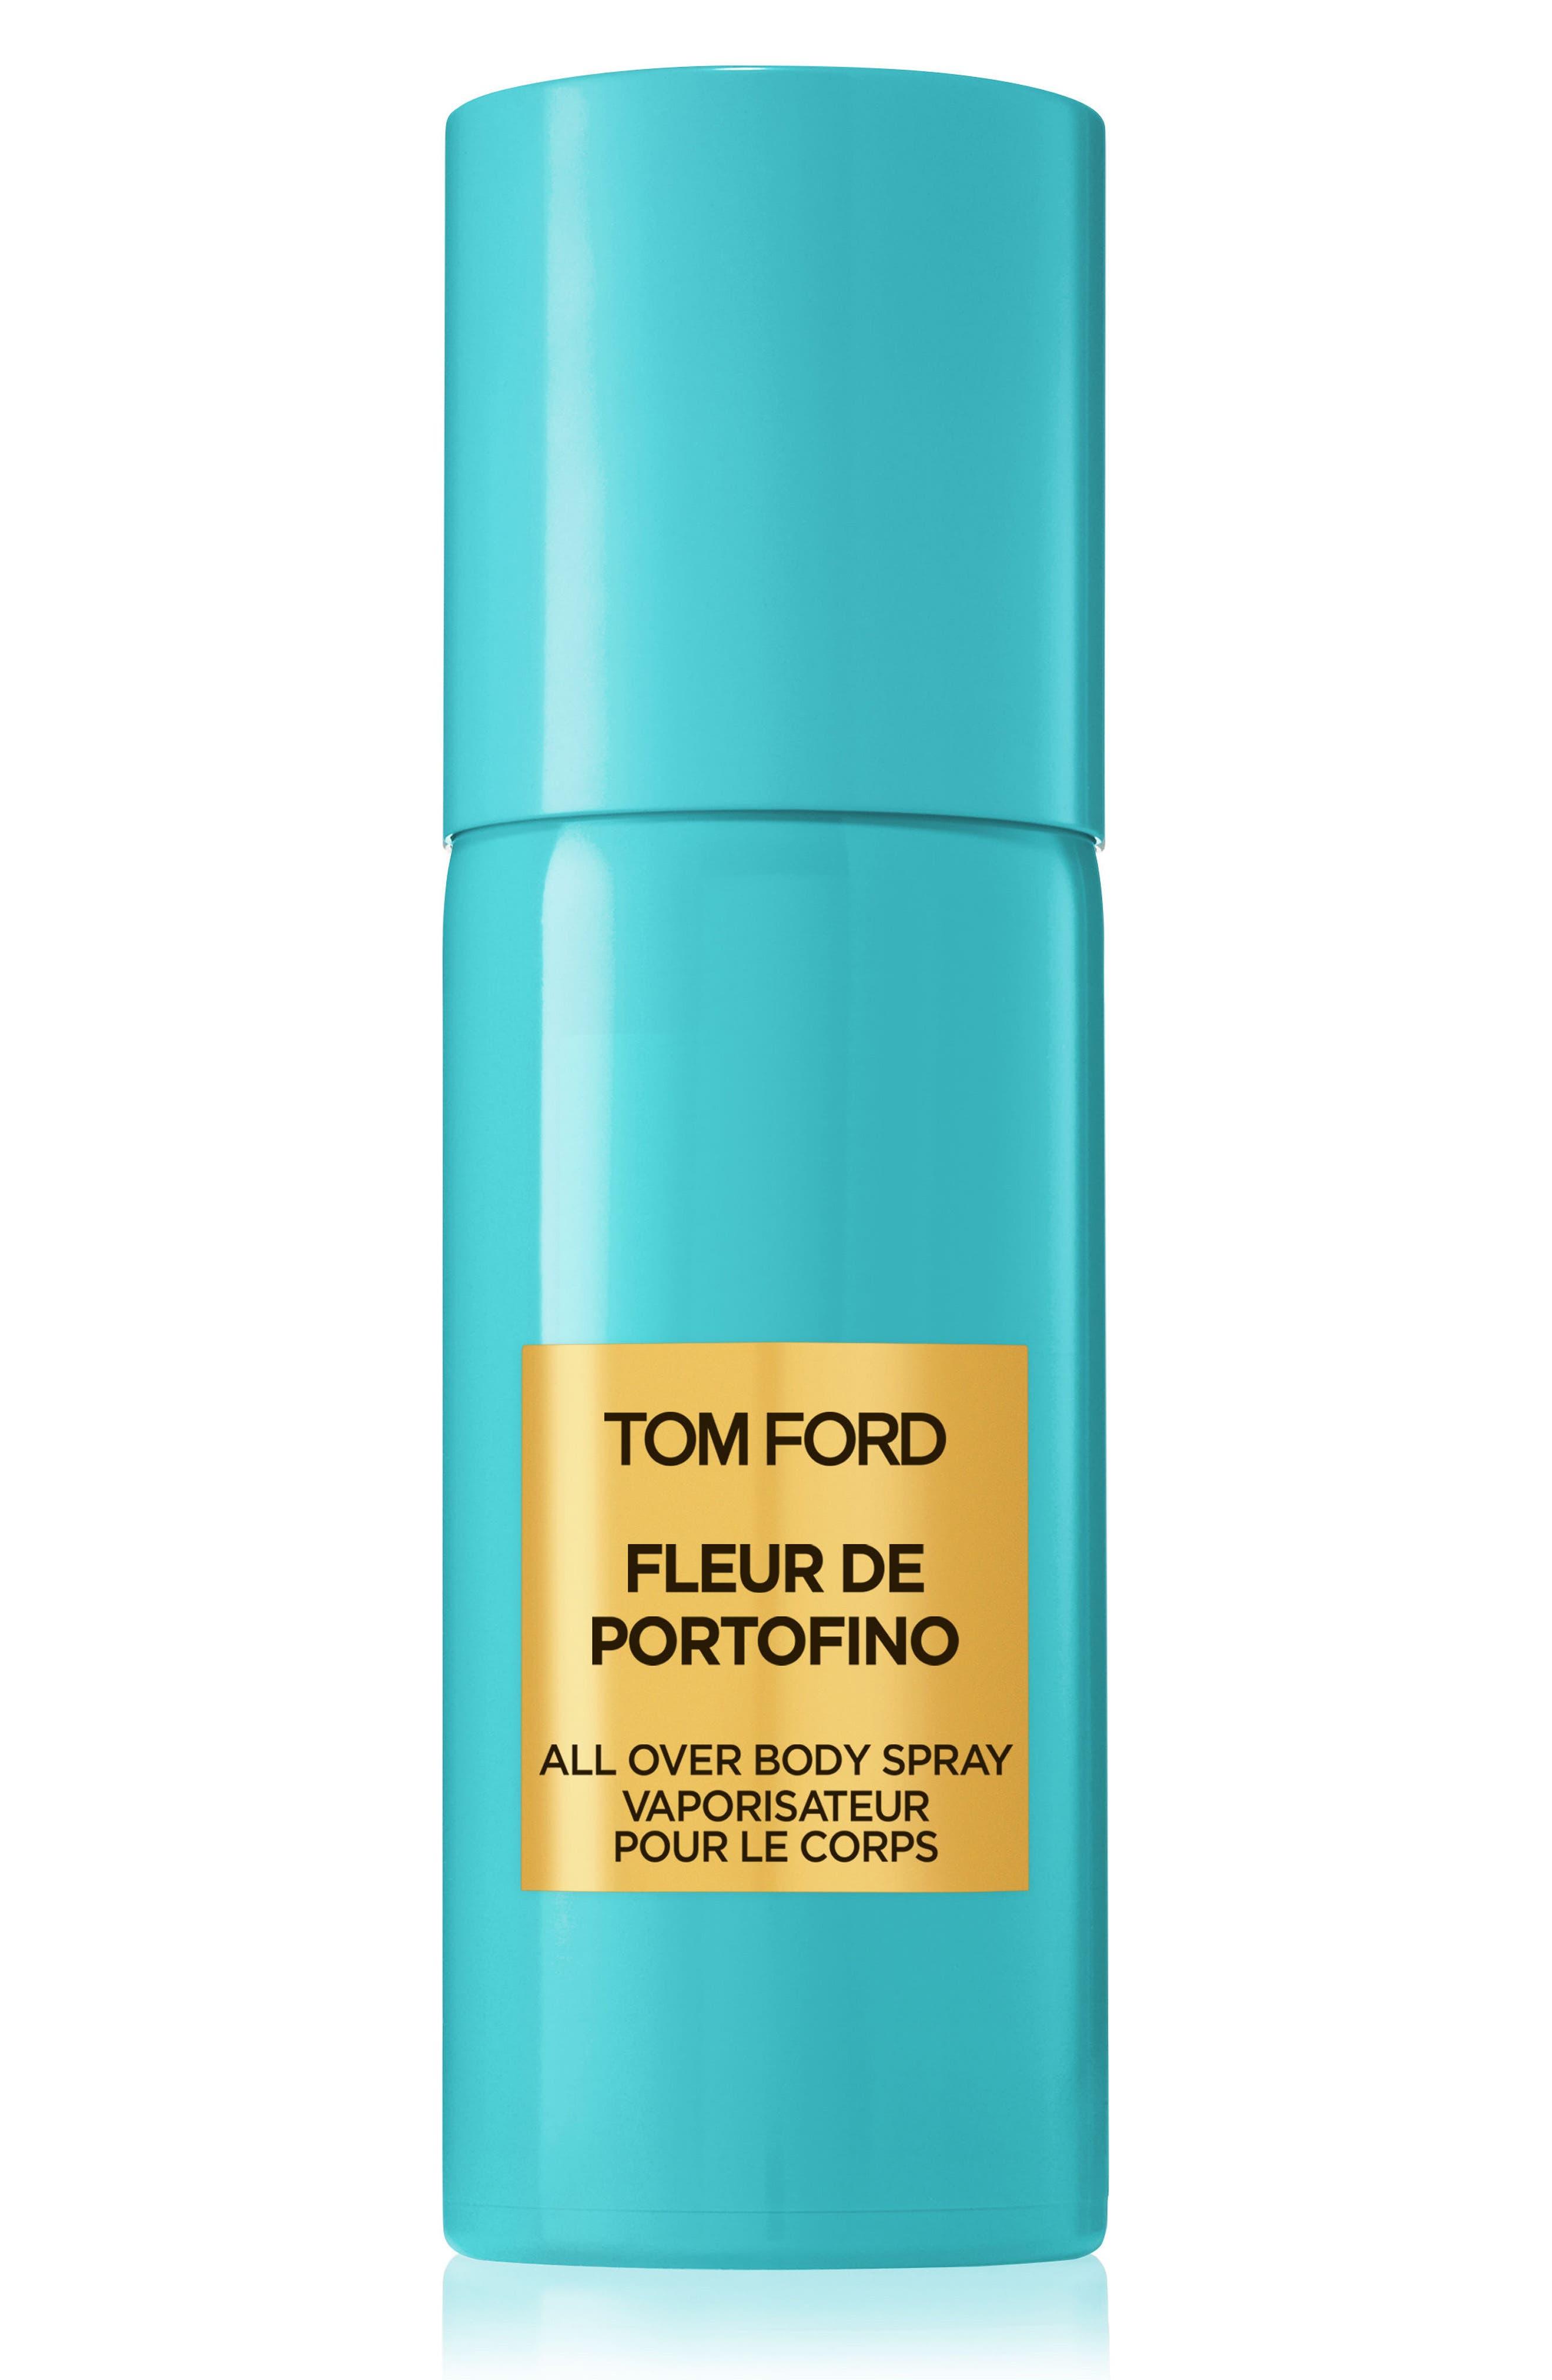 Tom Ford Private Blend Fleur de Portofino Eau de Parfum All Over Body Spray